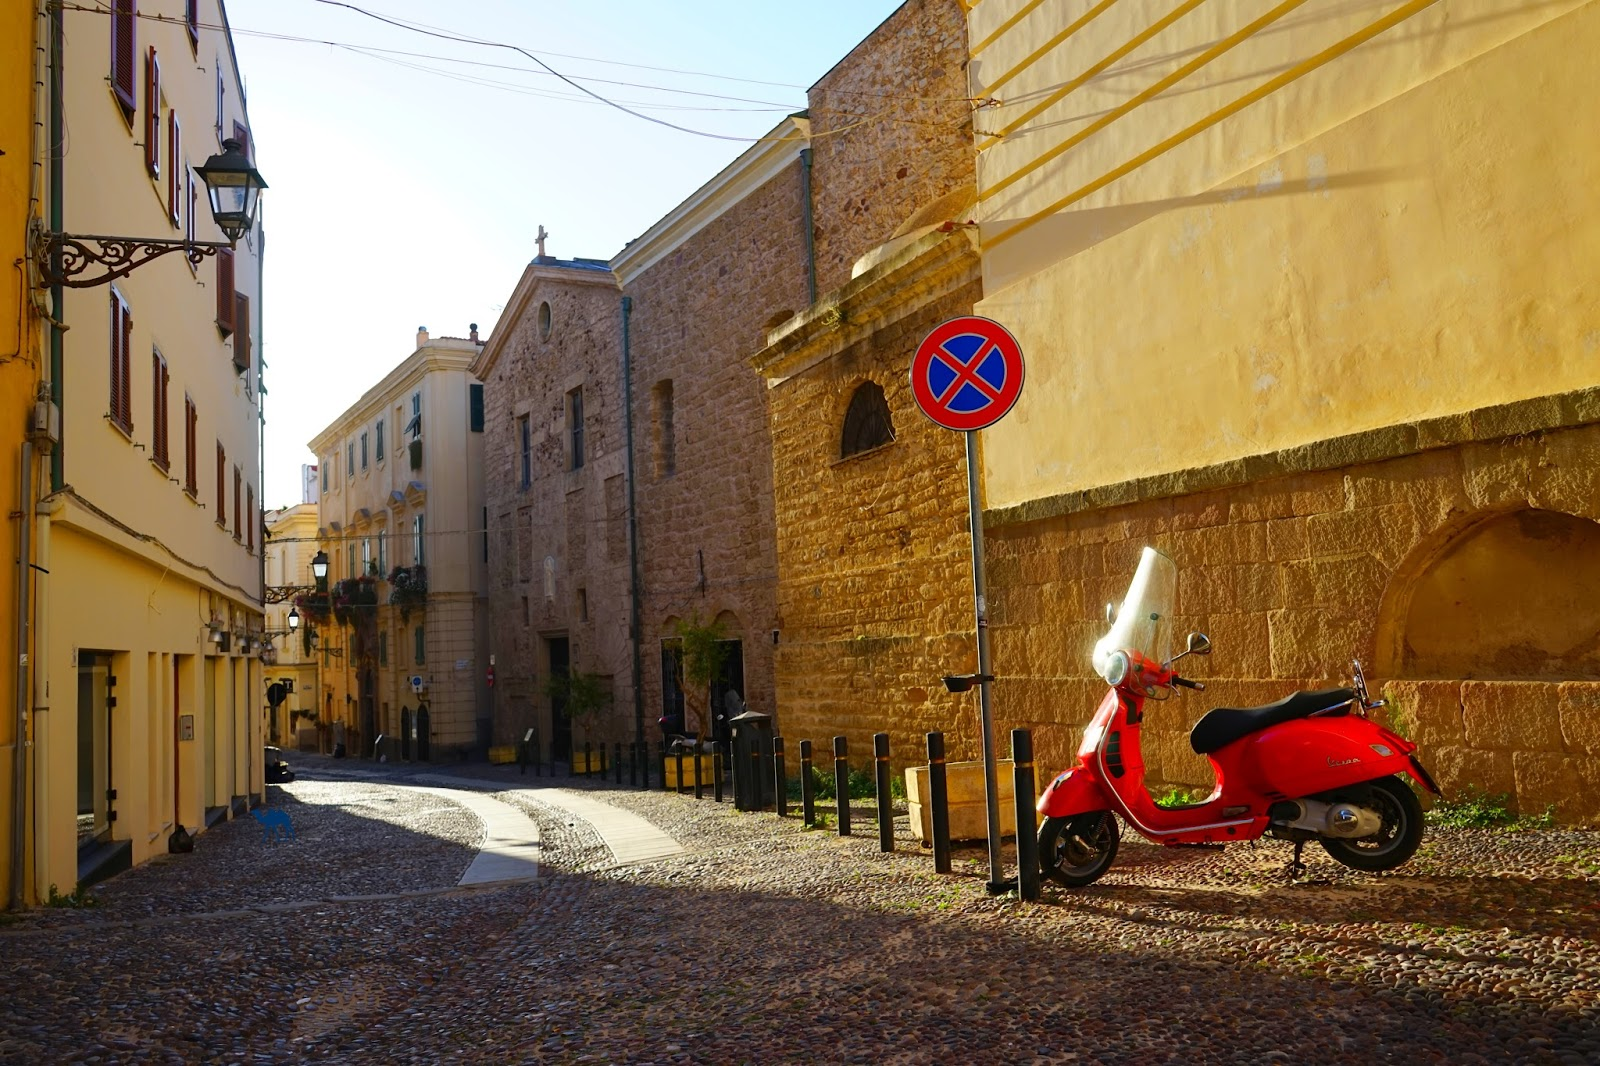 Le Chameau Bleu -  Blog Voyage Alghero Sardaigne - Ruelle de la veille ville d'ALghero Italie  - Séjour en Sardaigne